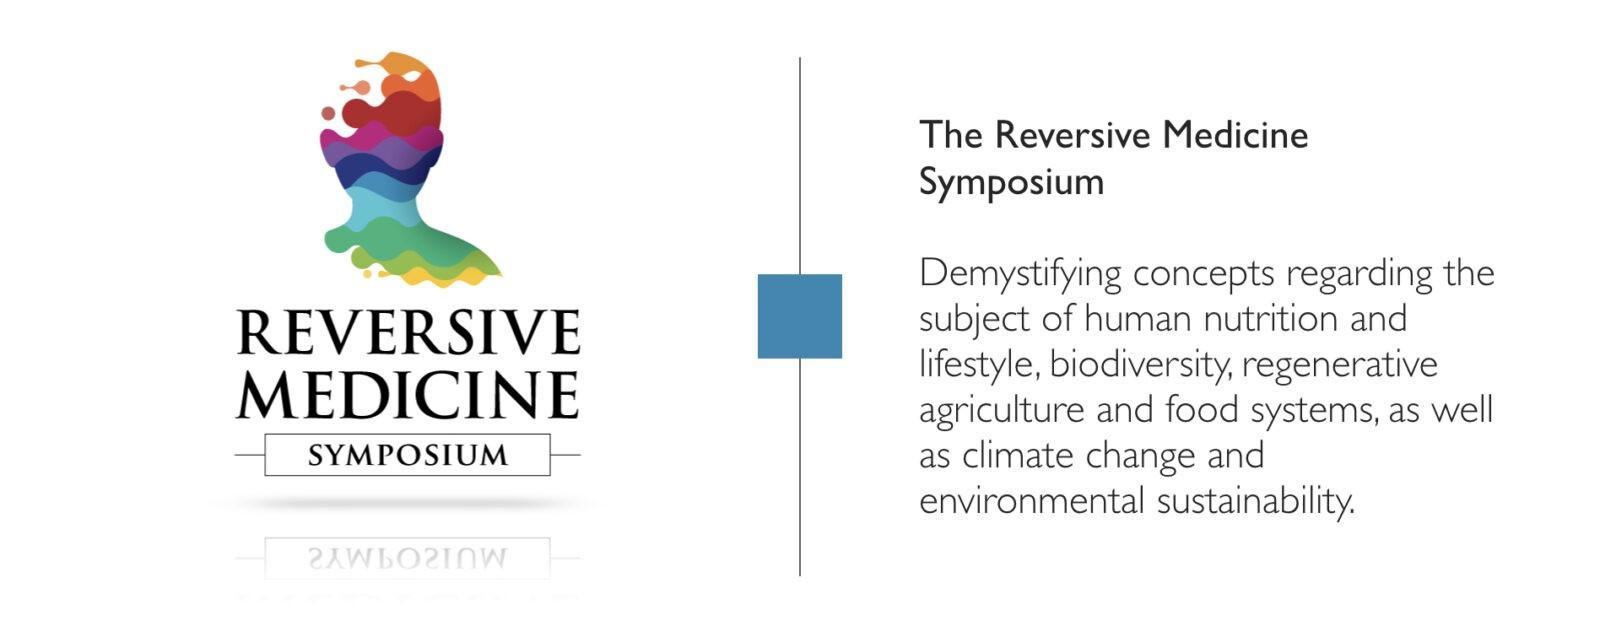 WFPB.ORG   Reversive Medicine Symposium